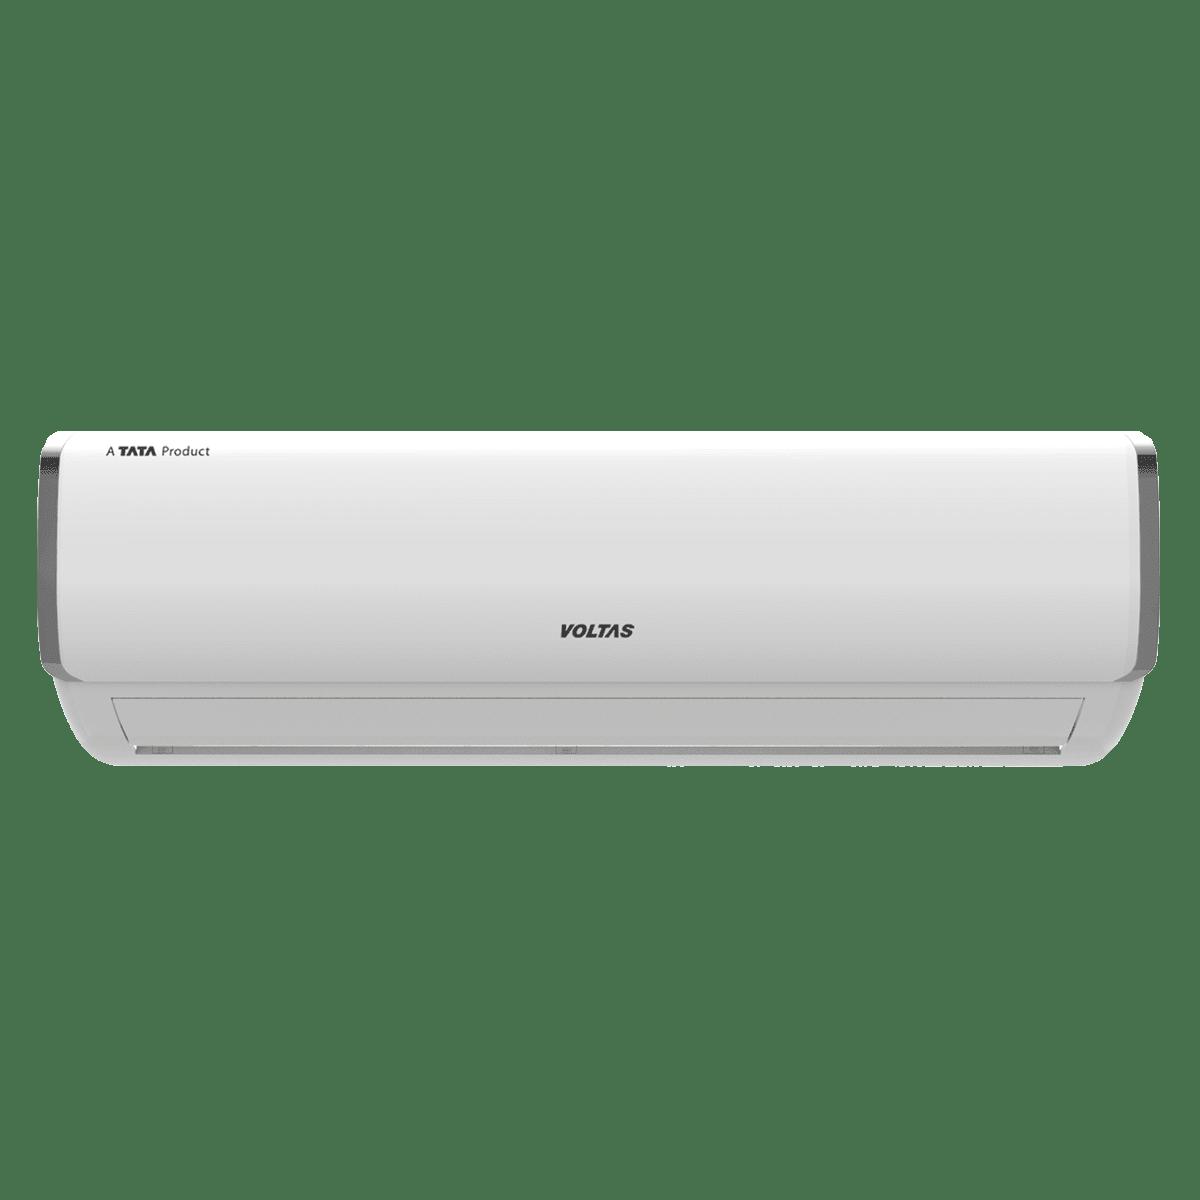 Voltas 1.5 Ton 5 Star Inverter Split AC (Copper Condenser, 185V MZQ, White)